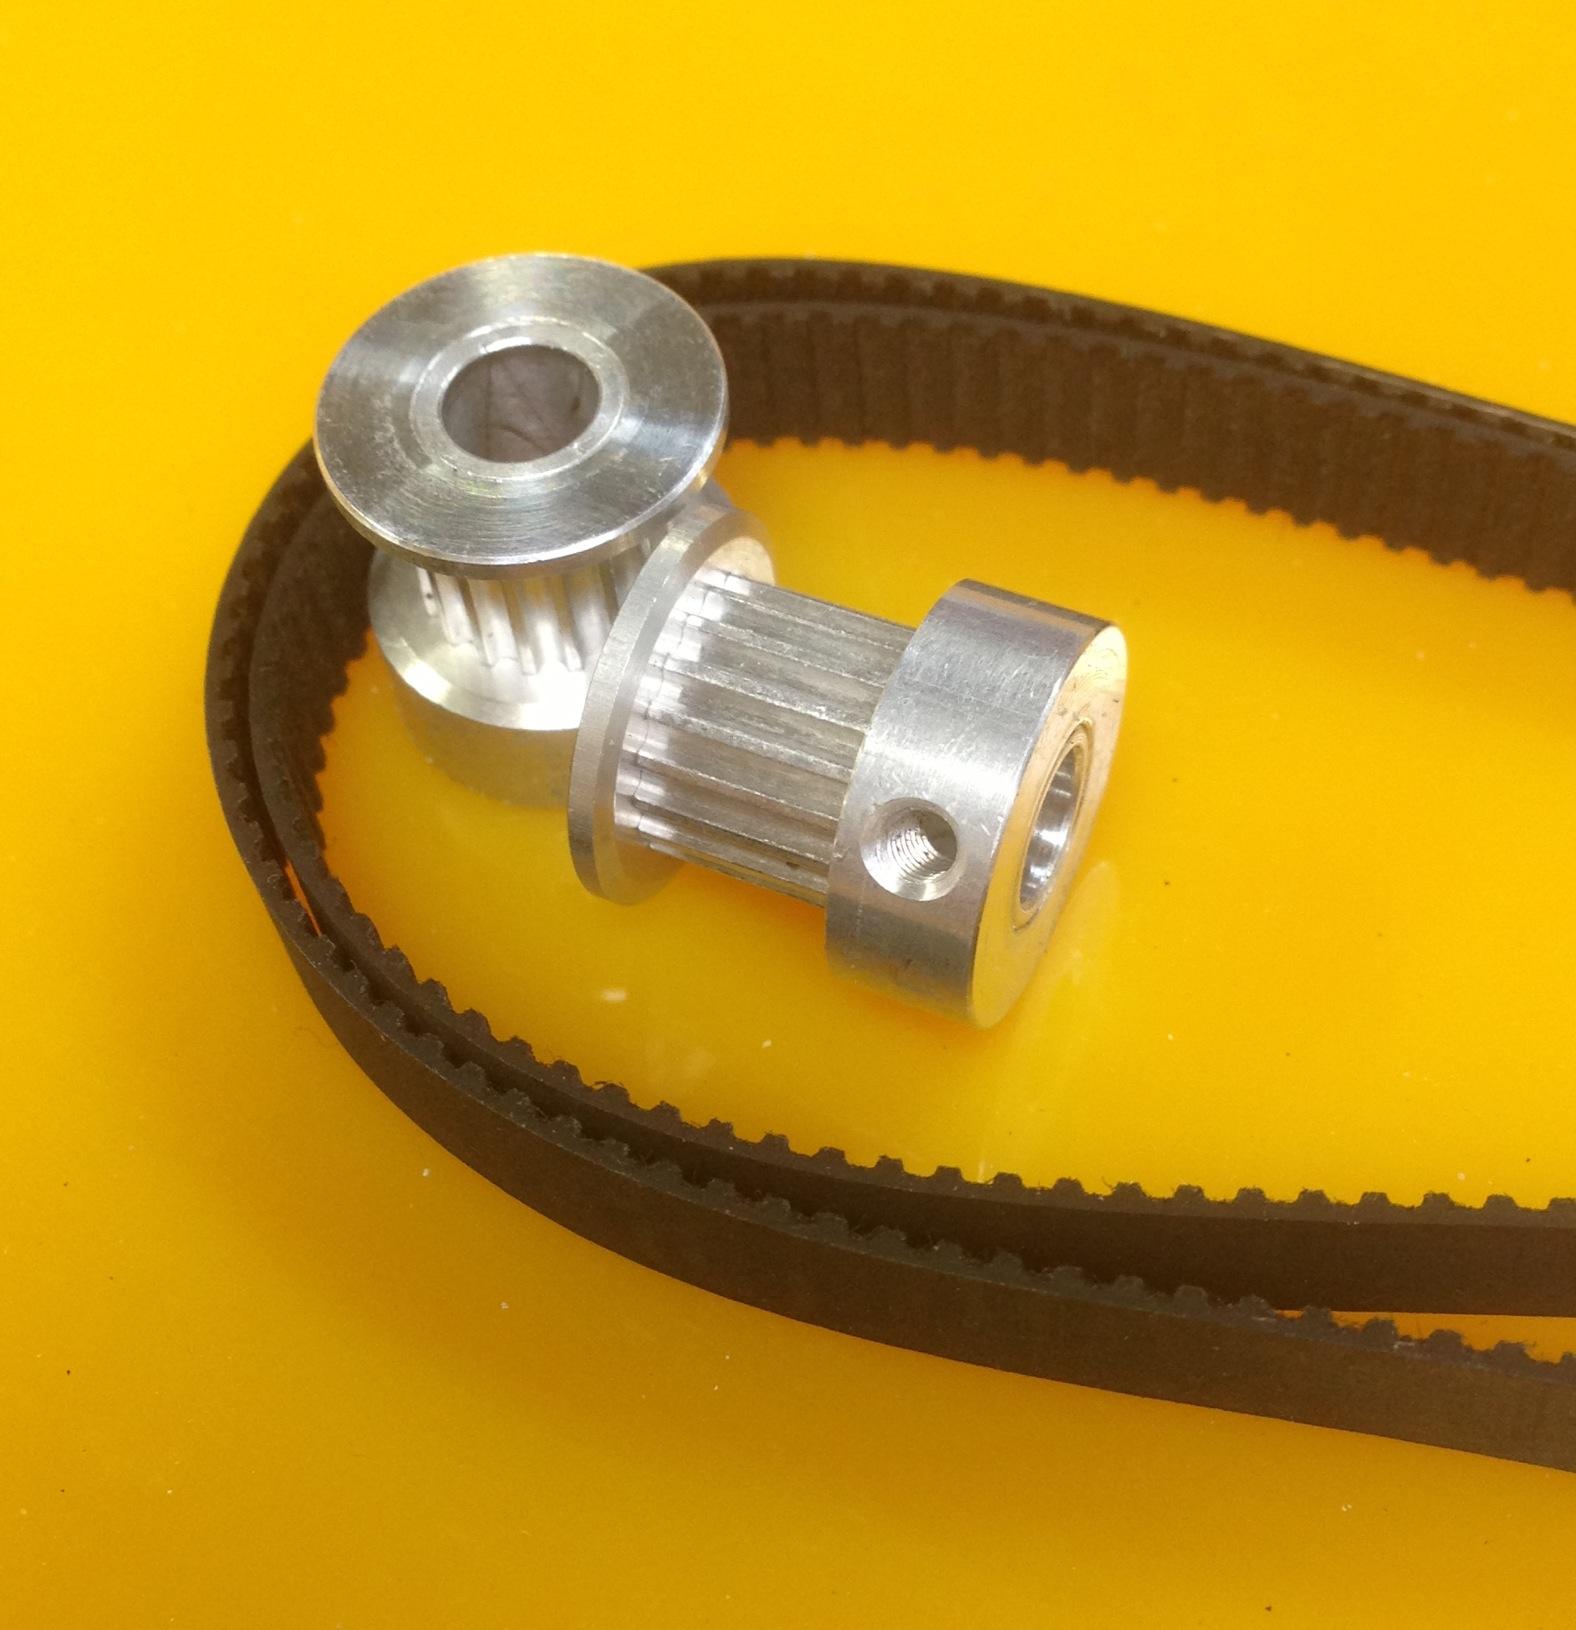 Gt2 2mm Timing Belt 1164mm X 6mm 582 Teeth Gt2x1164 Power Transmission Gt Belts Pulleys Wide